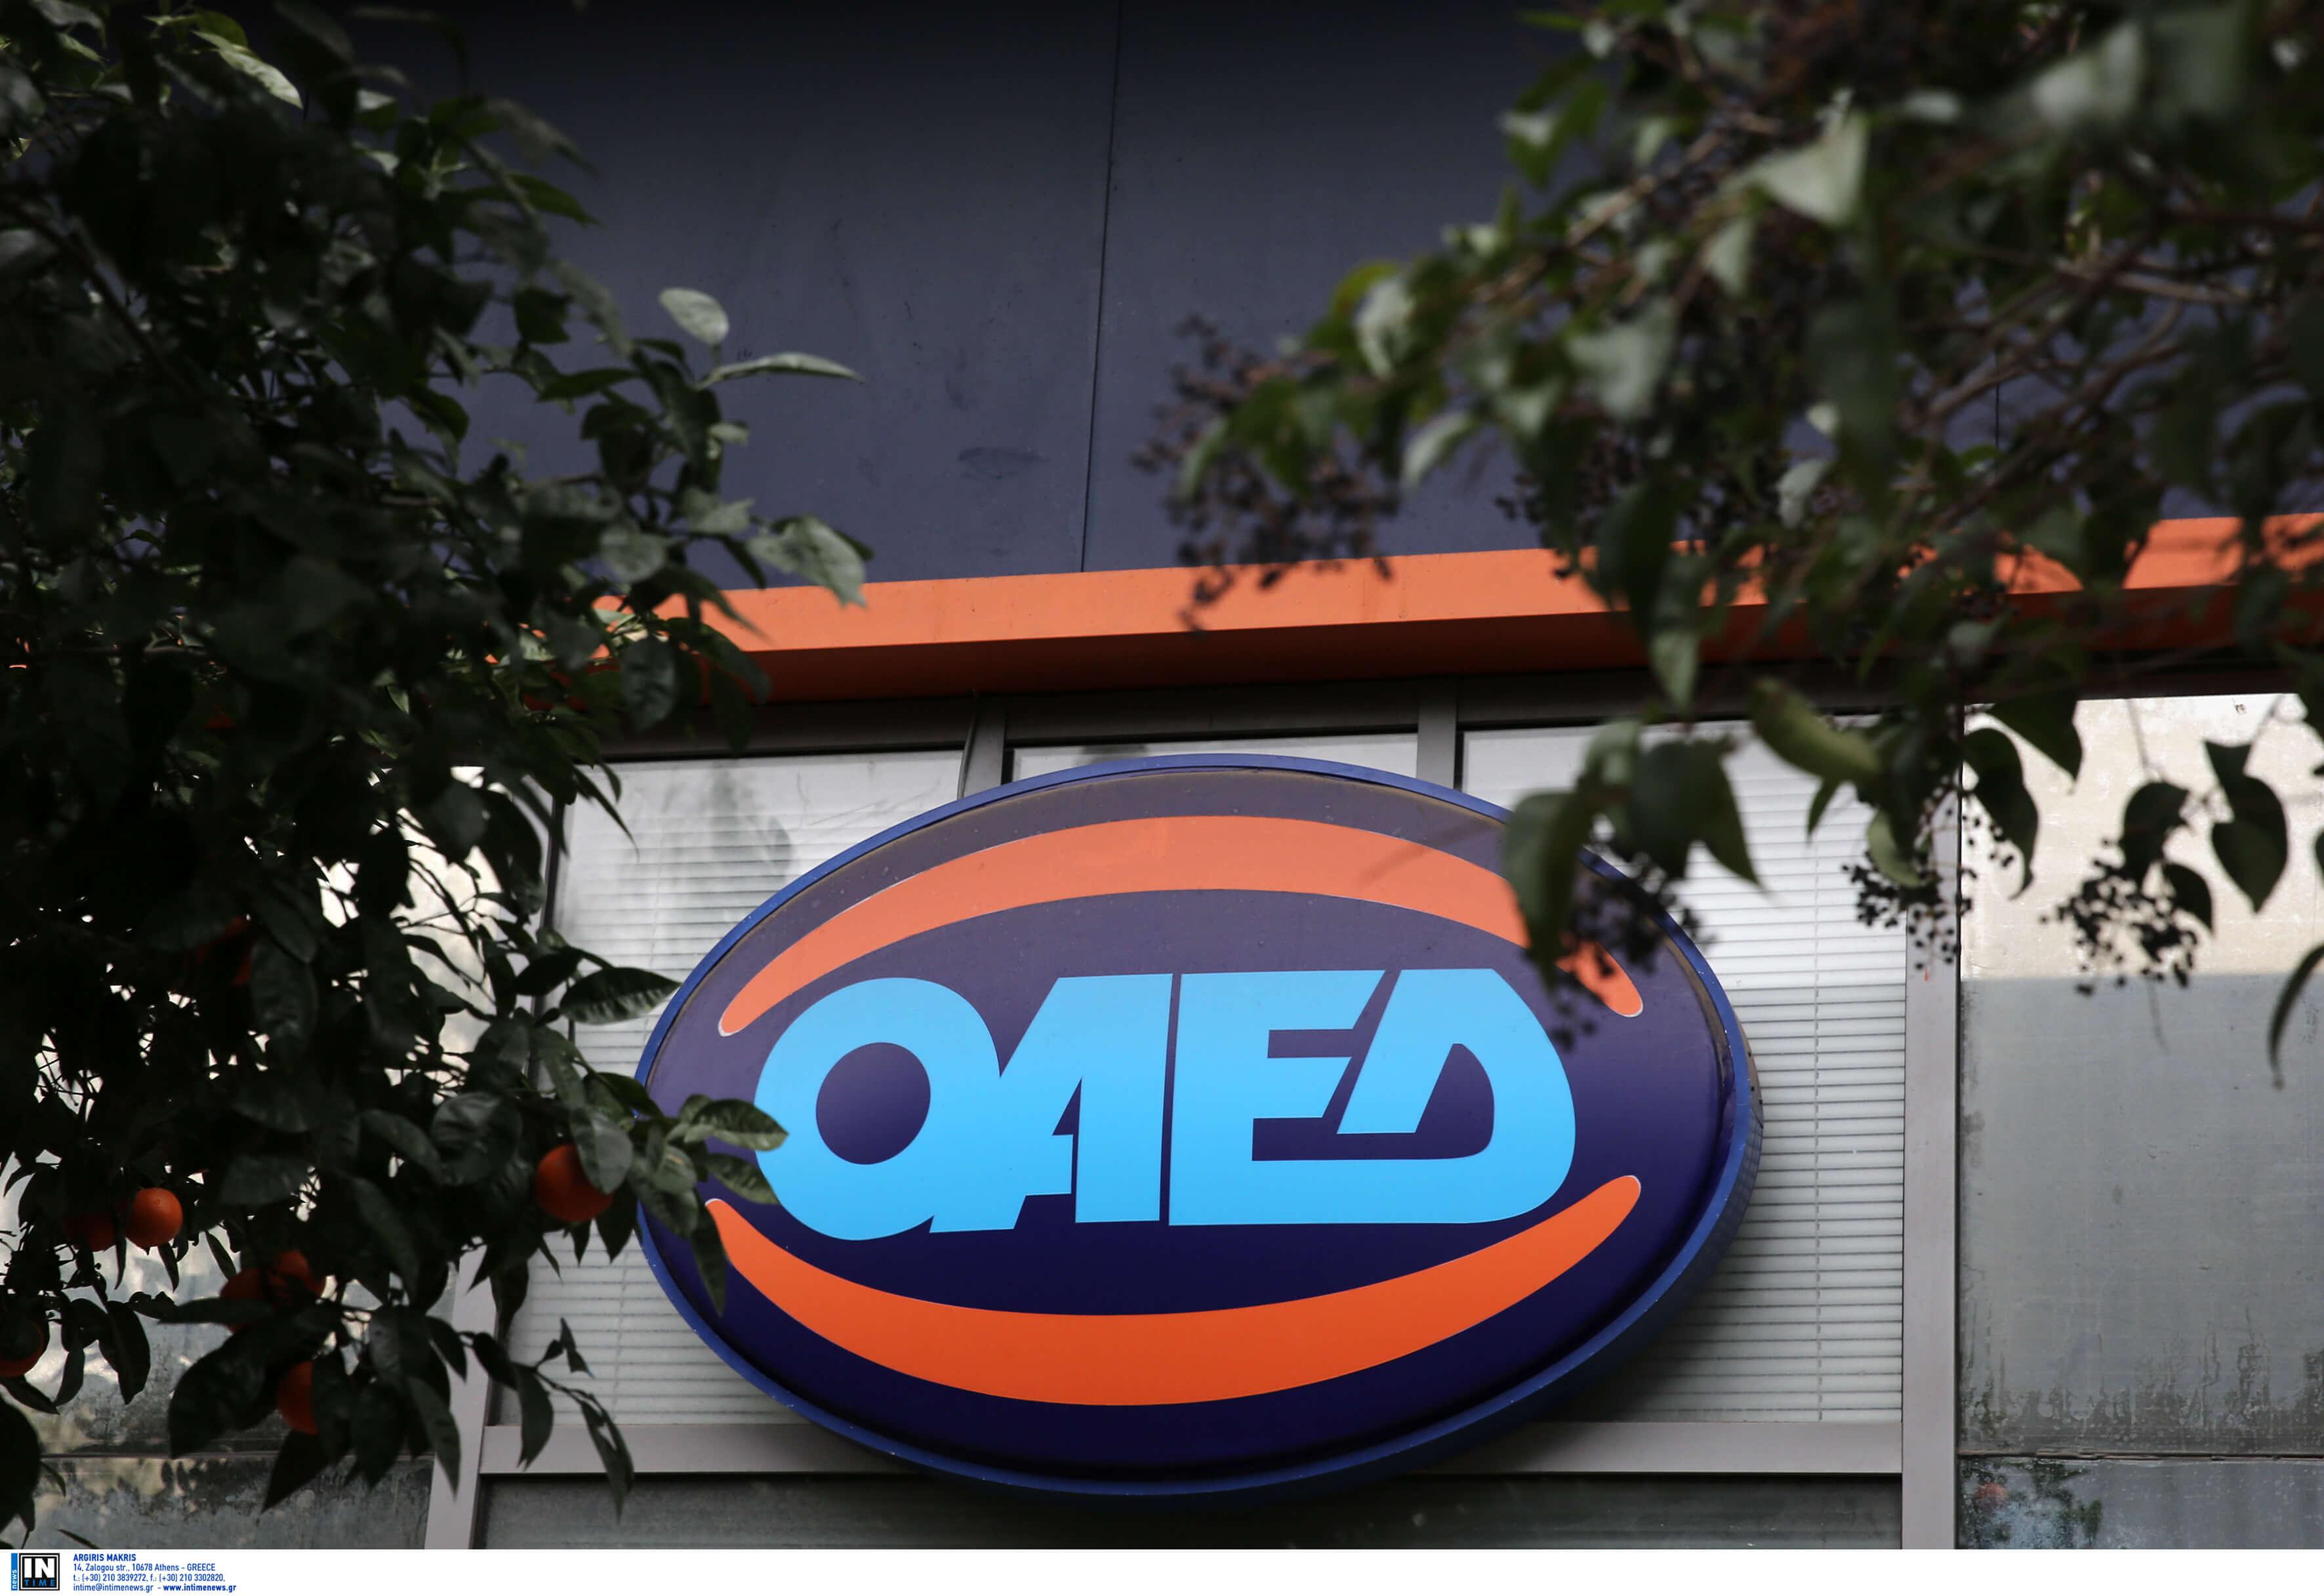 ΟΑΕΔ: Από σήμερα ( 02/09) οι αιτήσεις για την πρόσληψη ωρομίσθιων εκπαιδευτών στα ΙΕΚ